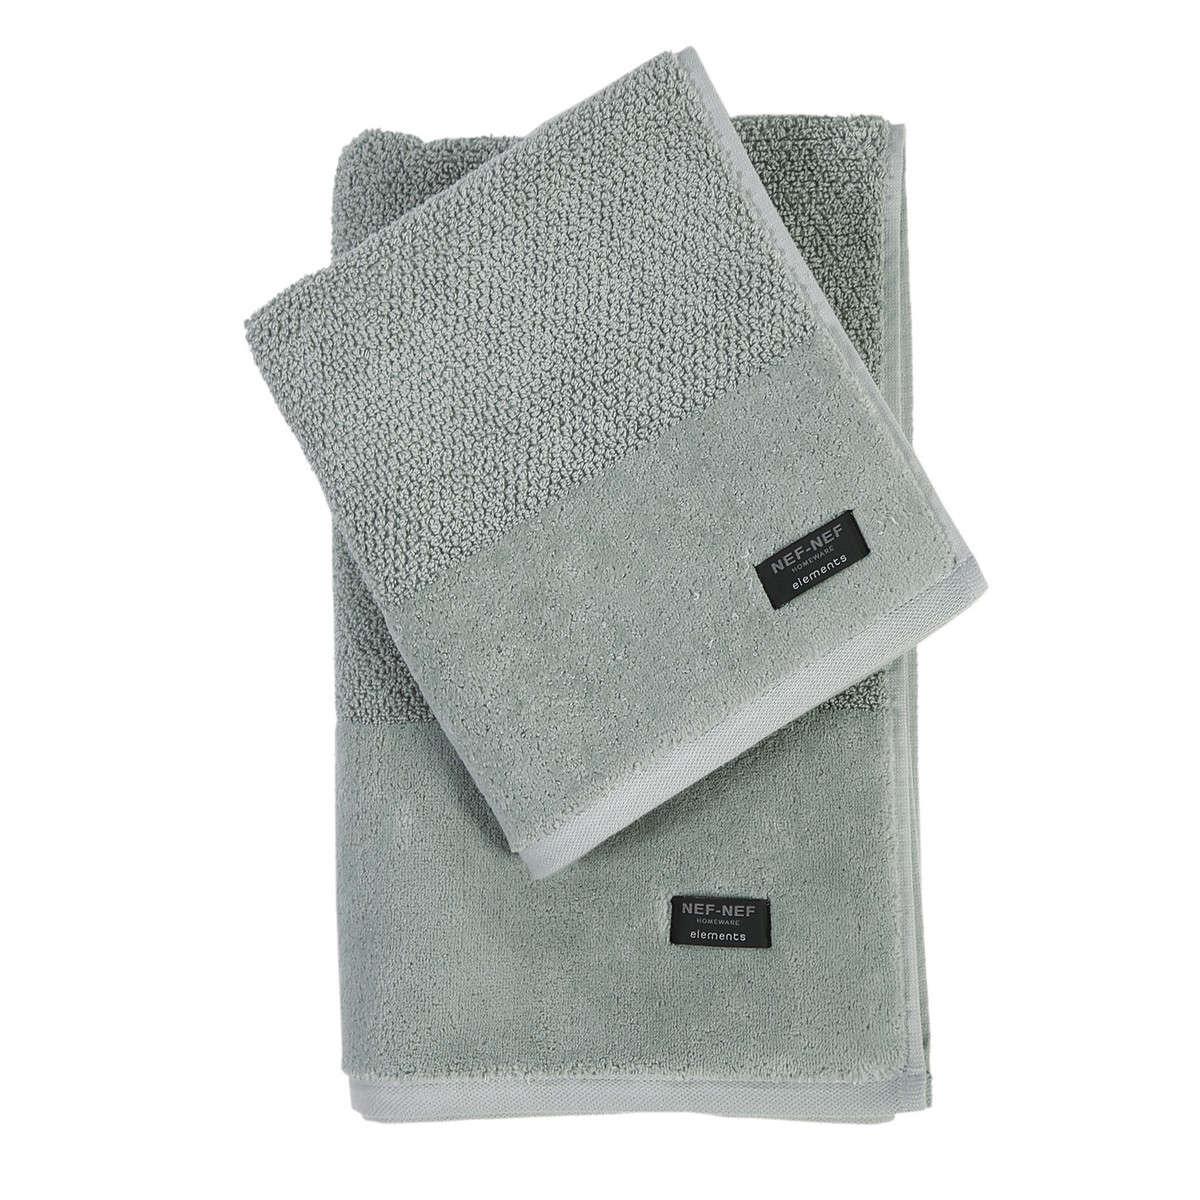 Πετσέτα Rusty Spring Grey Nef- Nef Σώματος 80x160cm